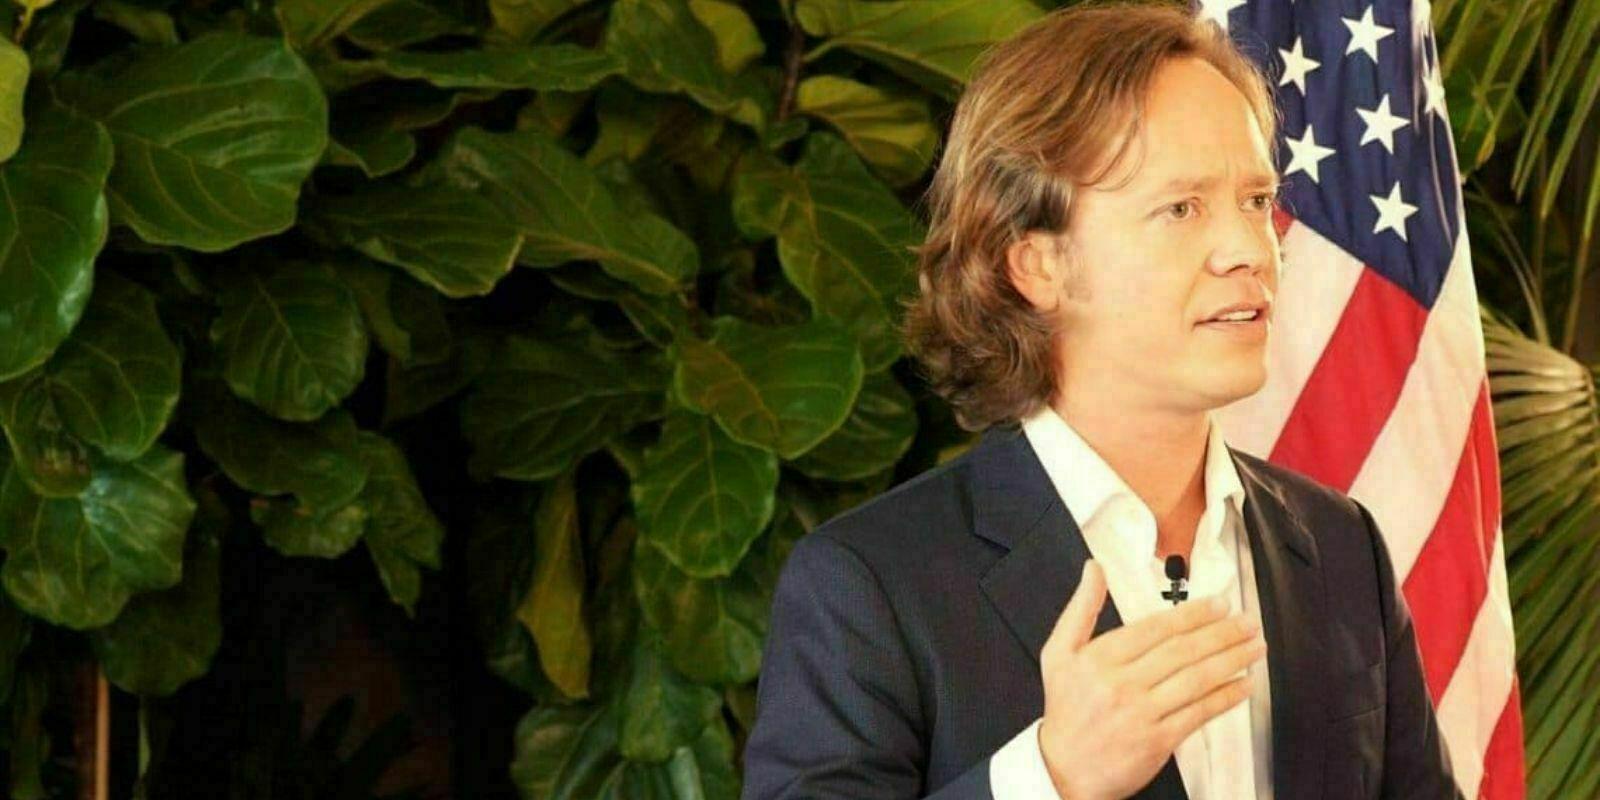 Un célèbre entrepreneur blockchain est candidat à la présidence des États-Unis